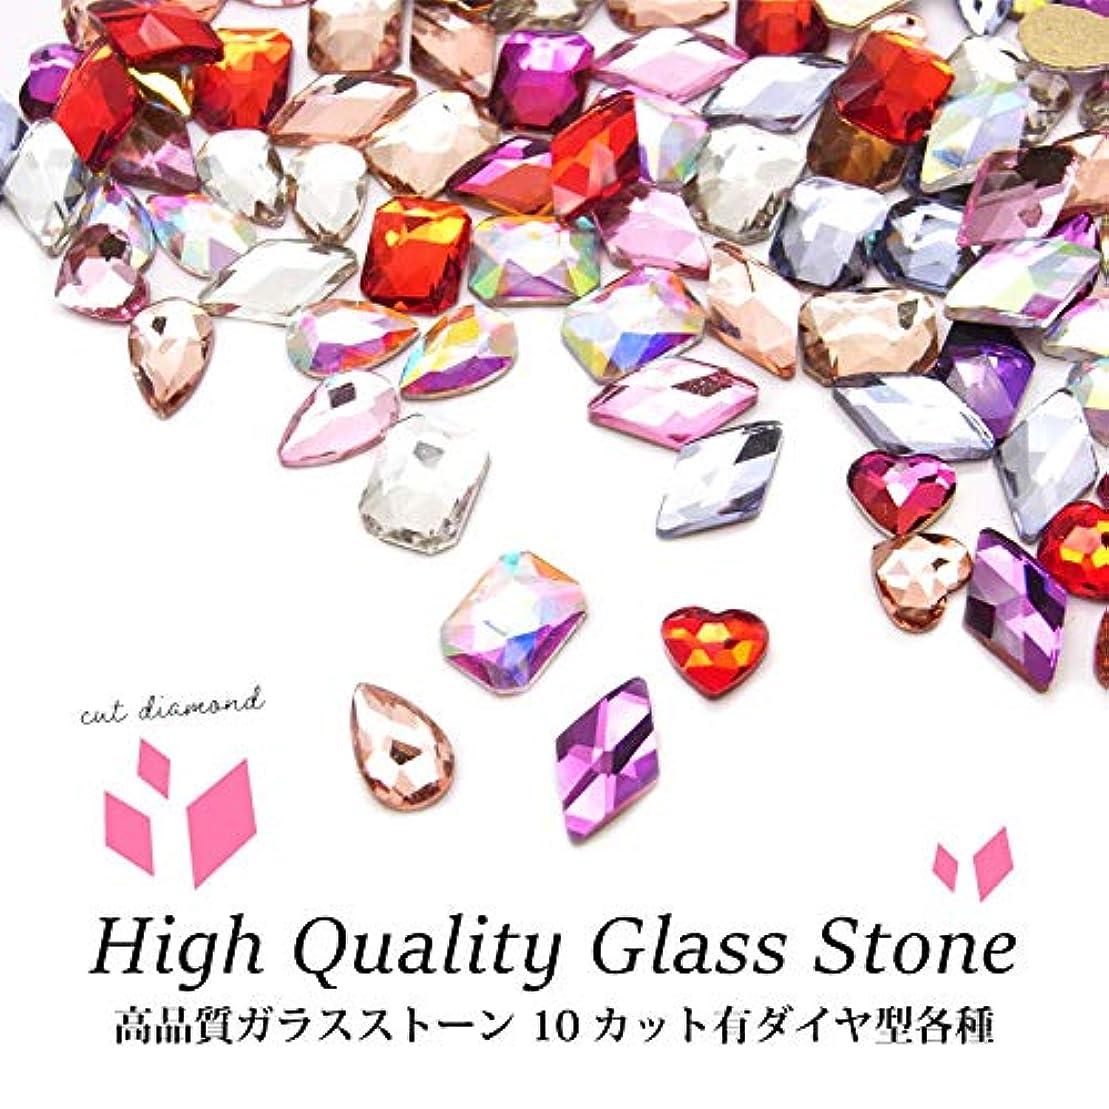 幼児穏やかな作成する高品質ガラスストーン 10 カット有ダイヤ型 各種 5個入り (2.クリスタルAB)